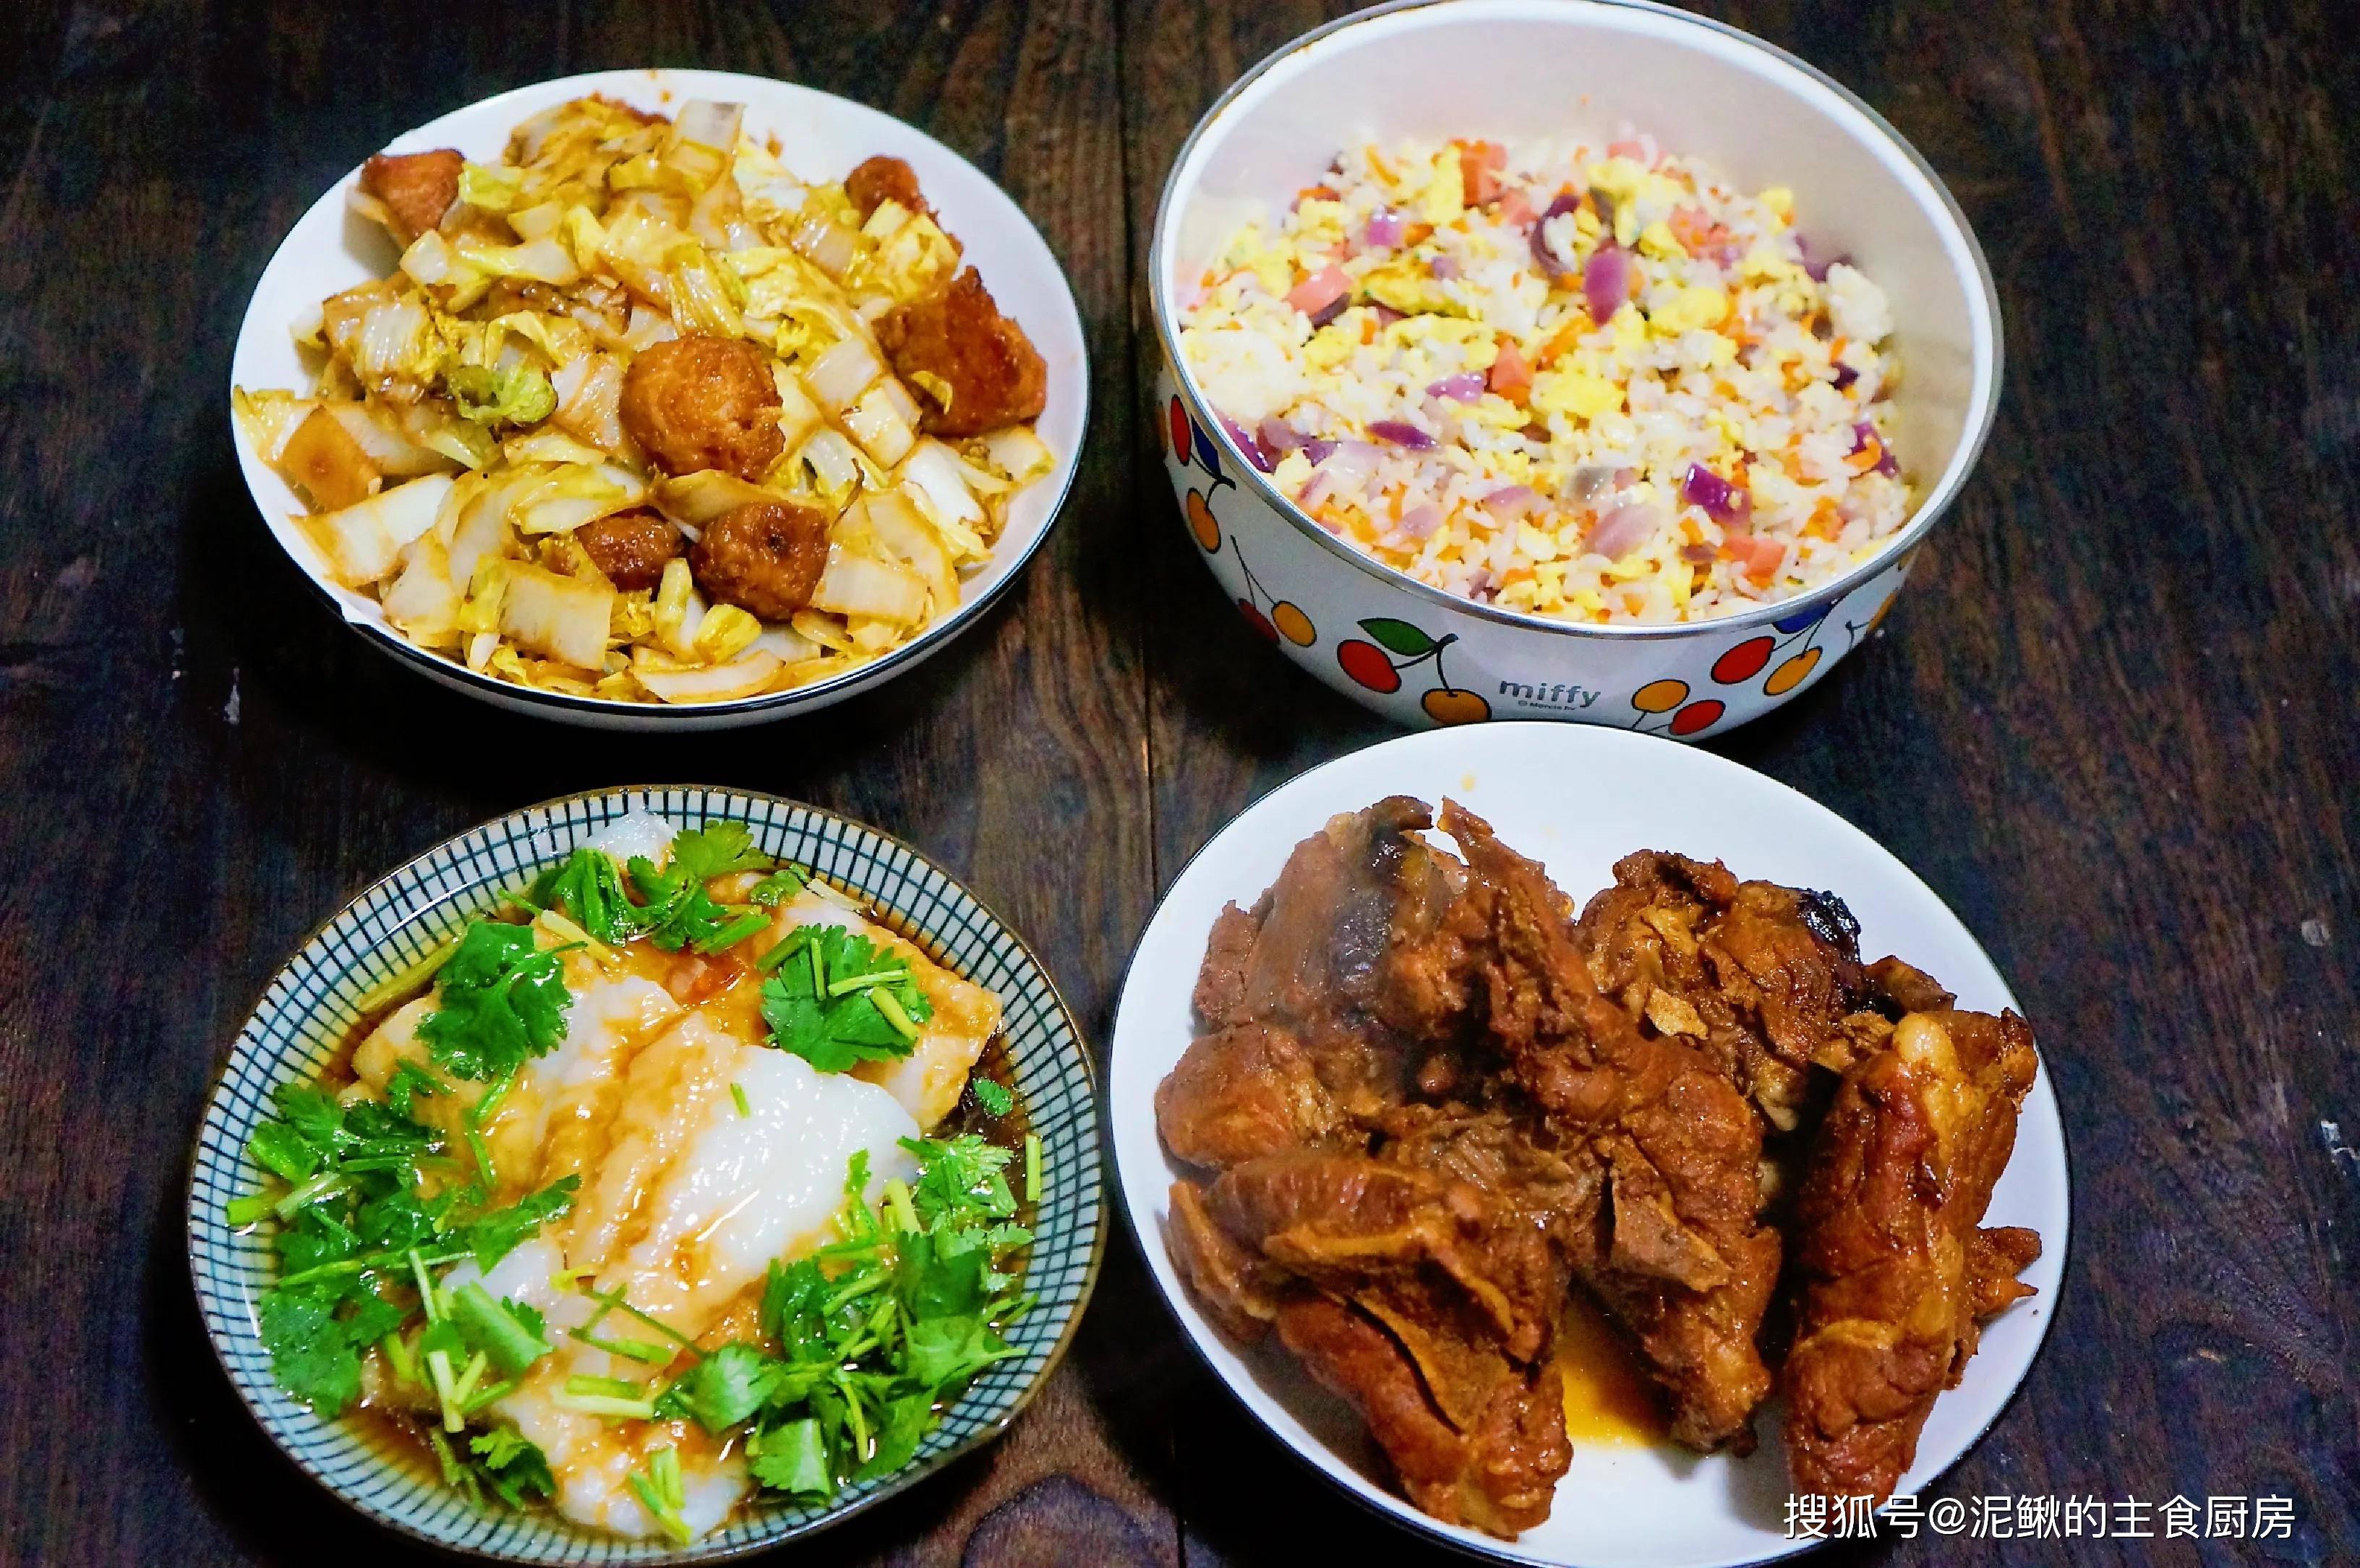 晒晒一家三口的晚餐,20分钟做好,好吃又营养,家人爱吃身体棒